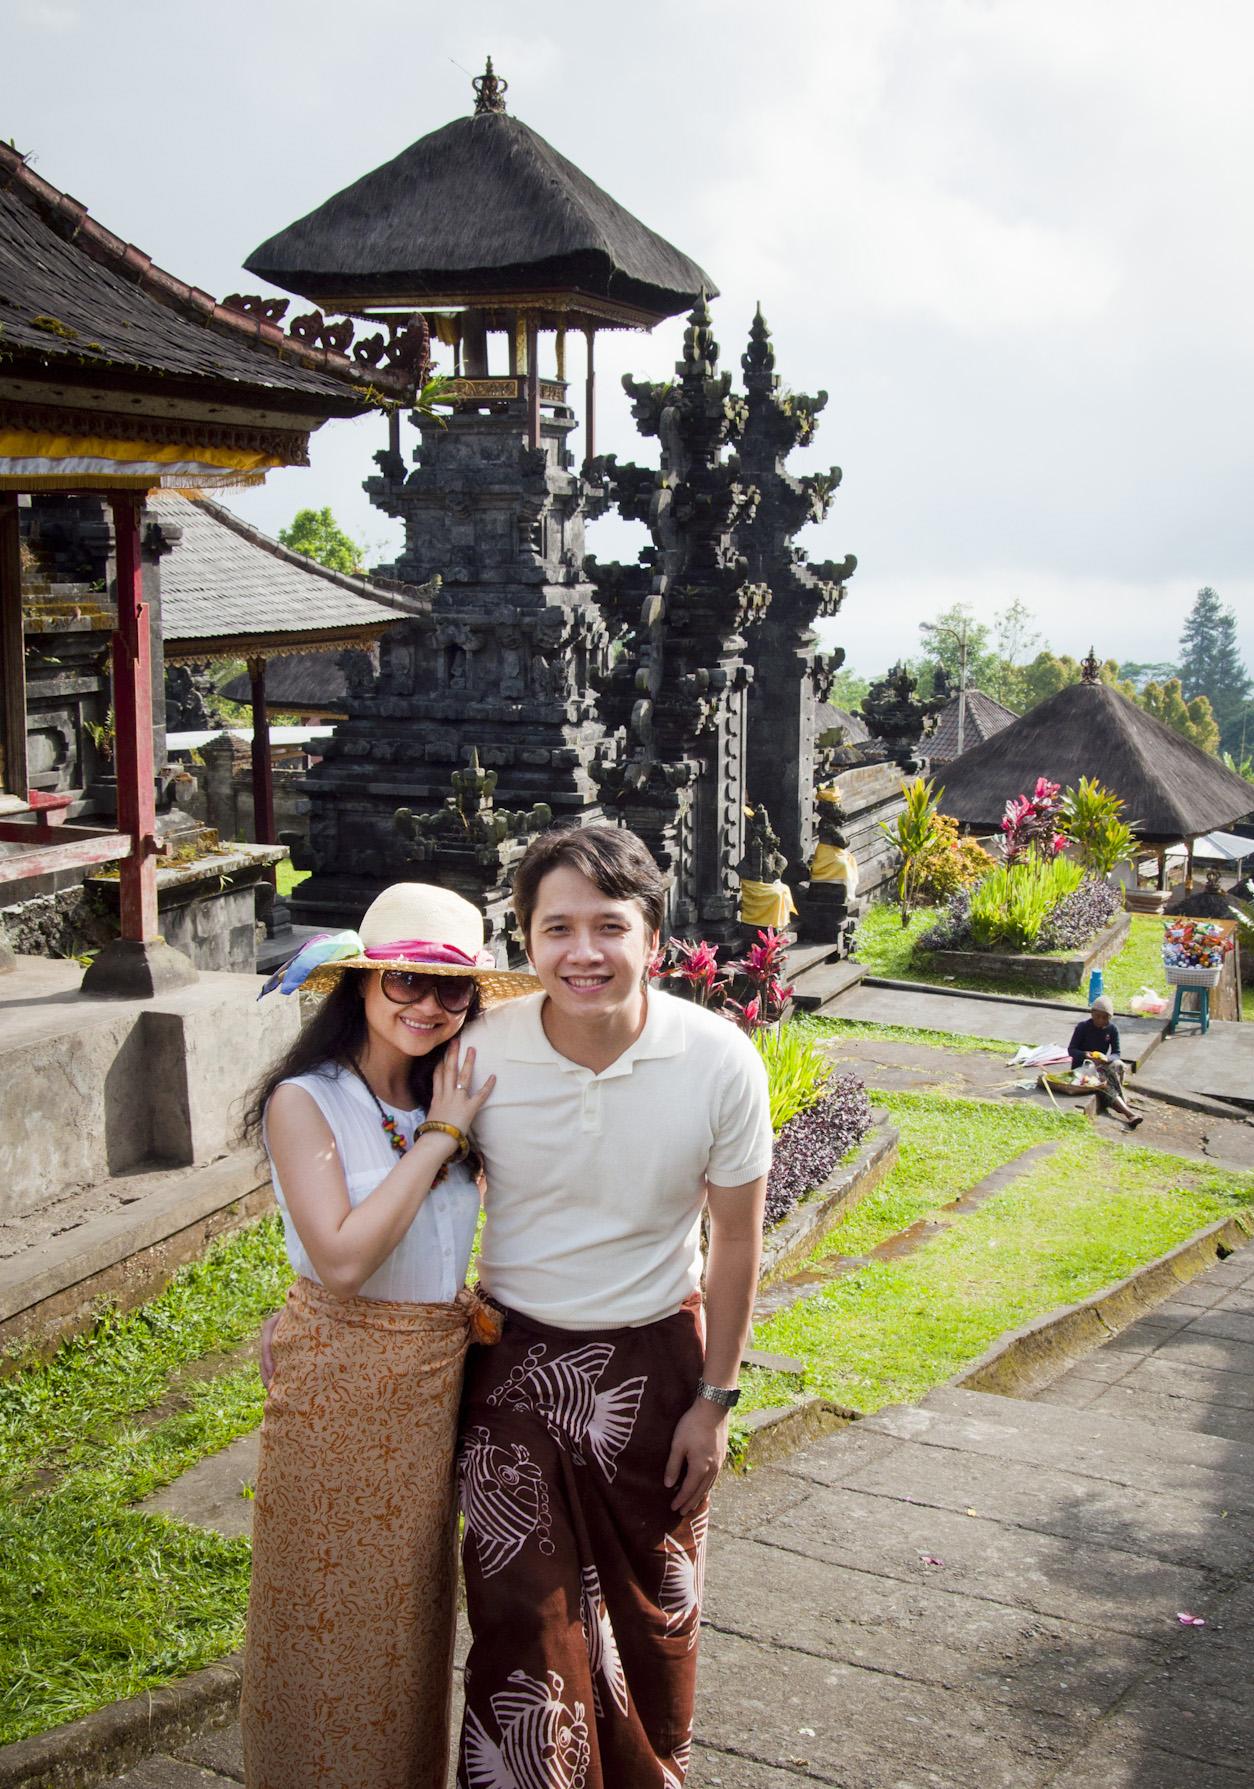 Bali Nov '11 no.101